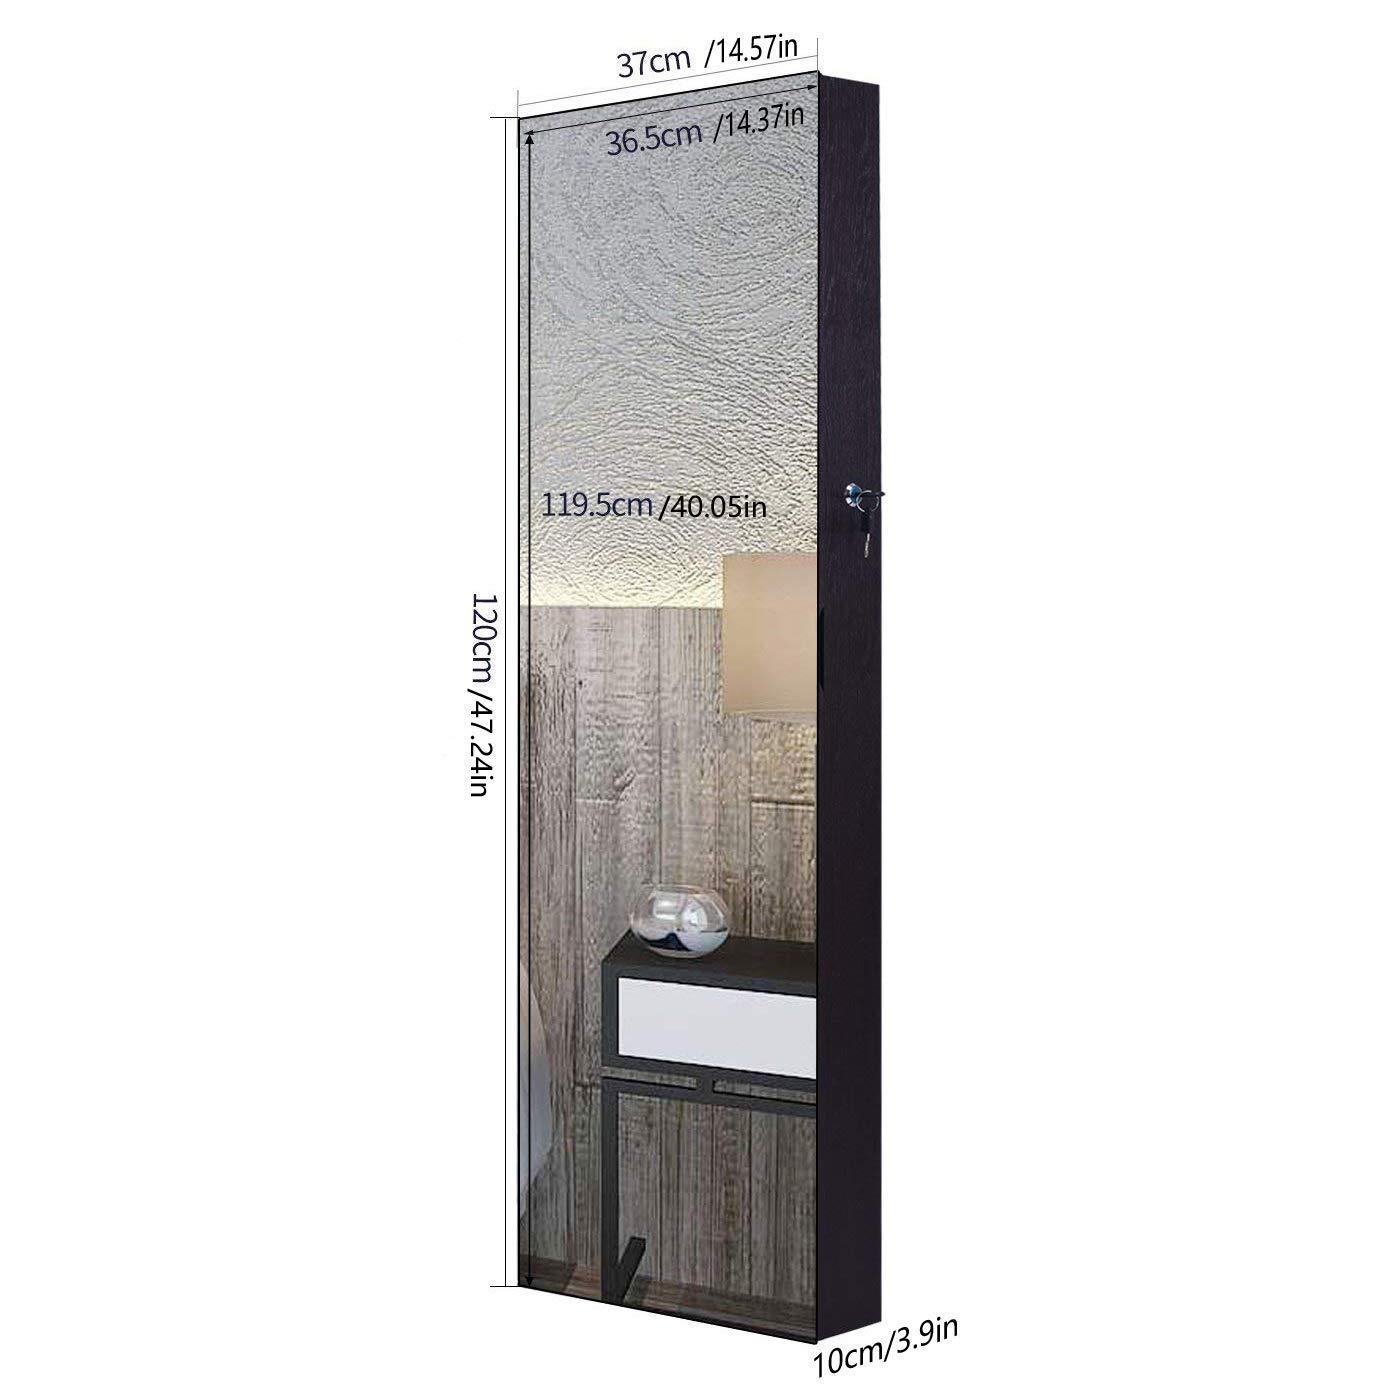 Armoire /à Bijoux,AOOU Armoire Bijoux avec Miroir,Avec six lumi/ères LED,Miroir pleine longueur avec verrouillable,Porte murale mont/ée,Grande capacit/é de stockage(Marron)